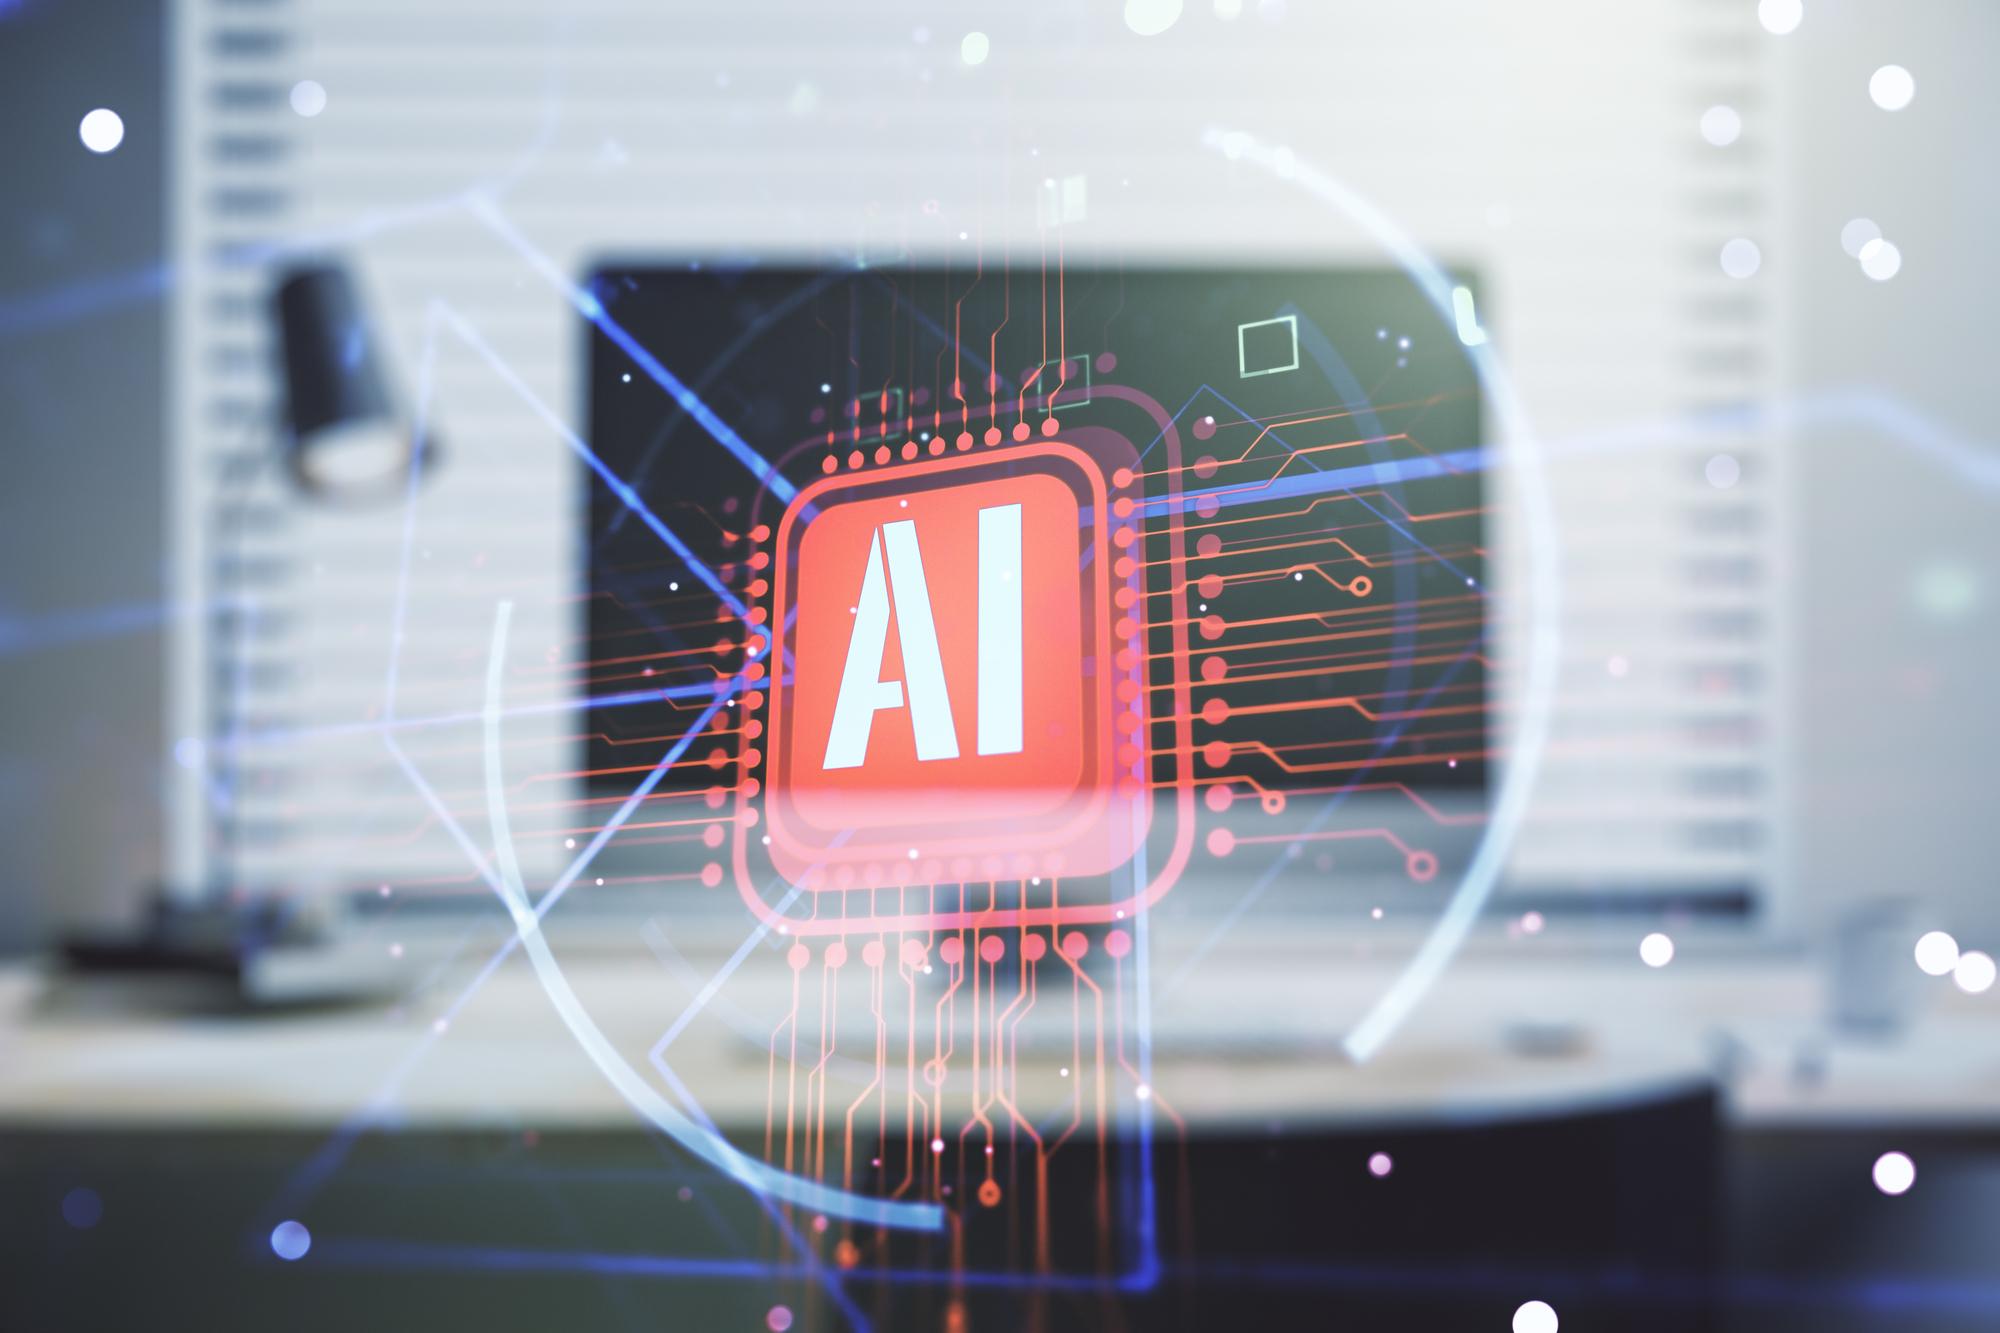 מעבד גרפי/AI.